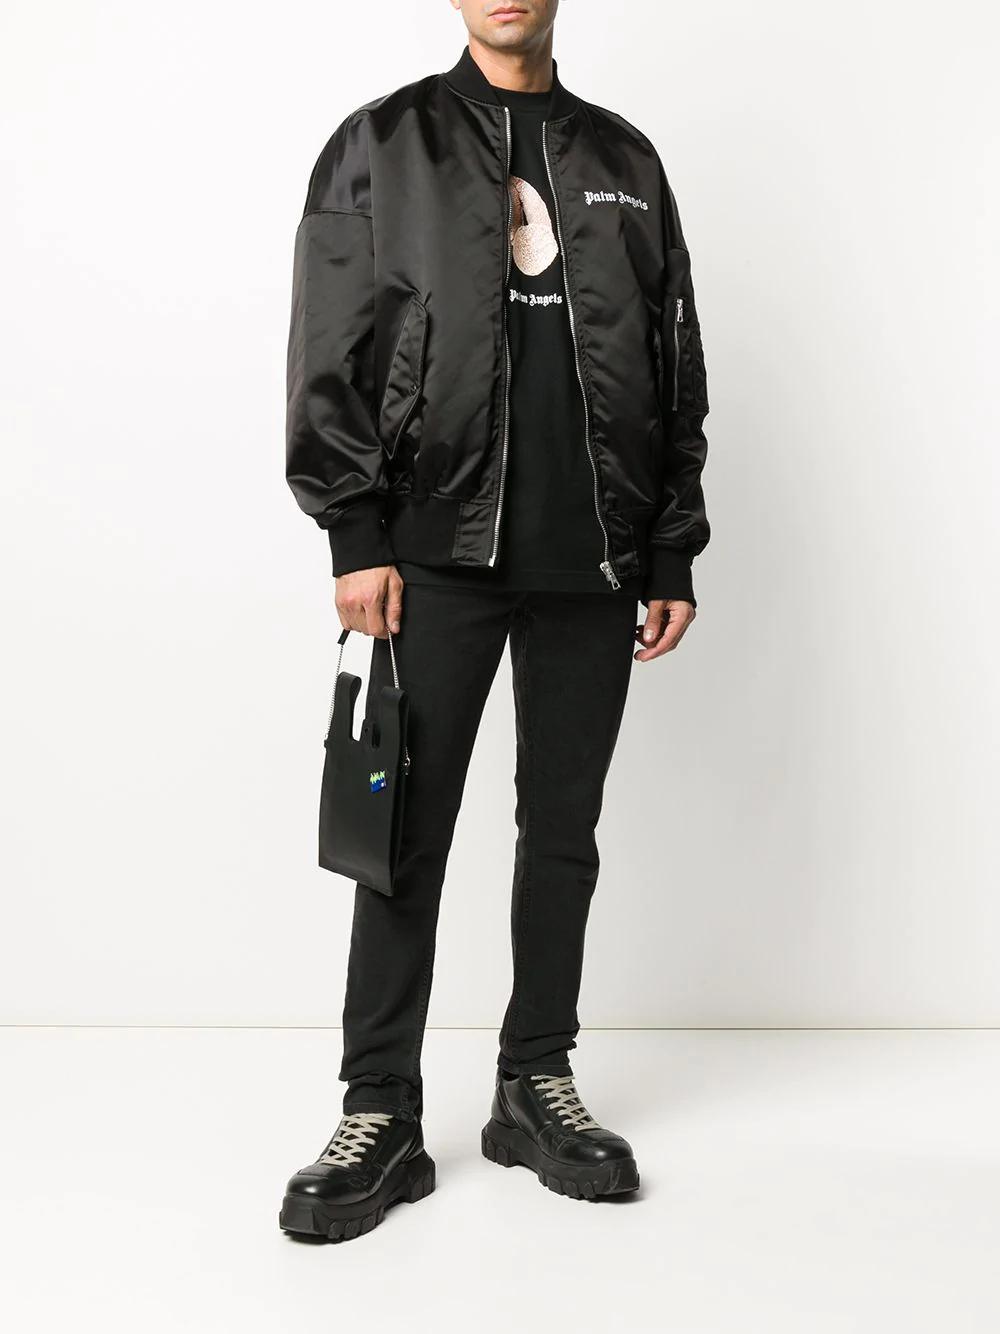 Ao Khoac Bomber Chất Liệu Vải Bong Bomber Jacket Printed Bomber Jacket Black Bomber Jacket [ 1334 x 1000 Pixel ]